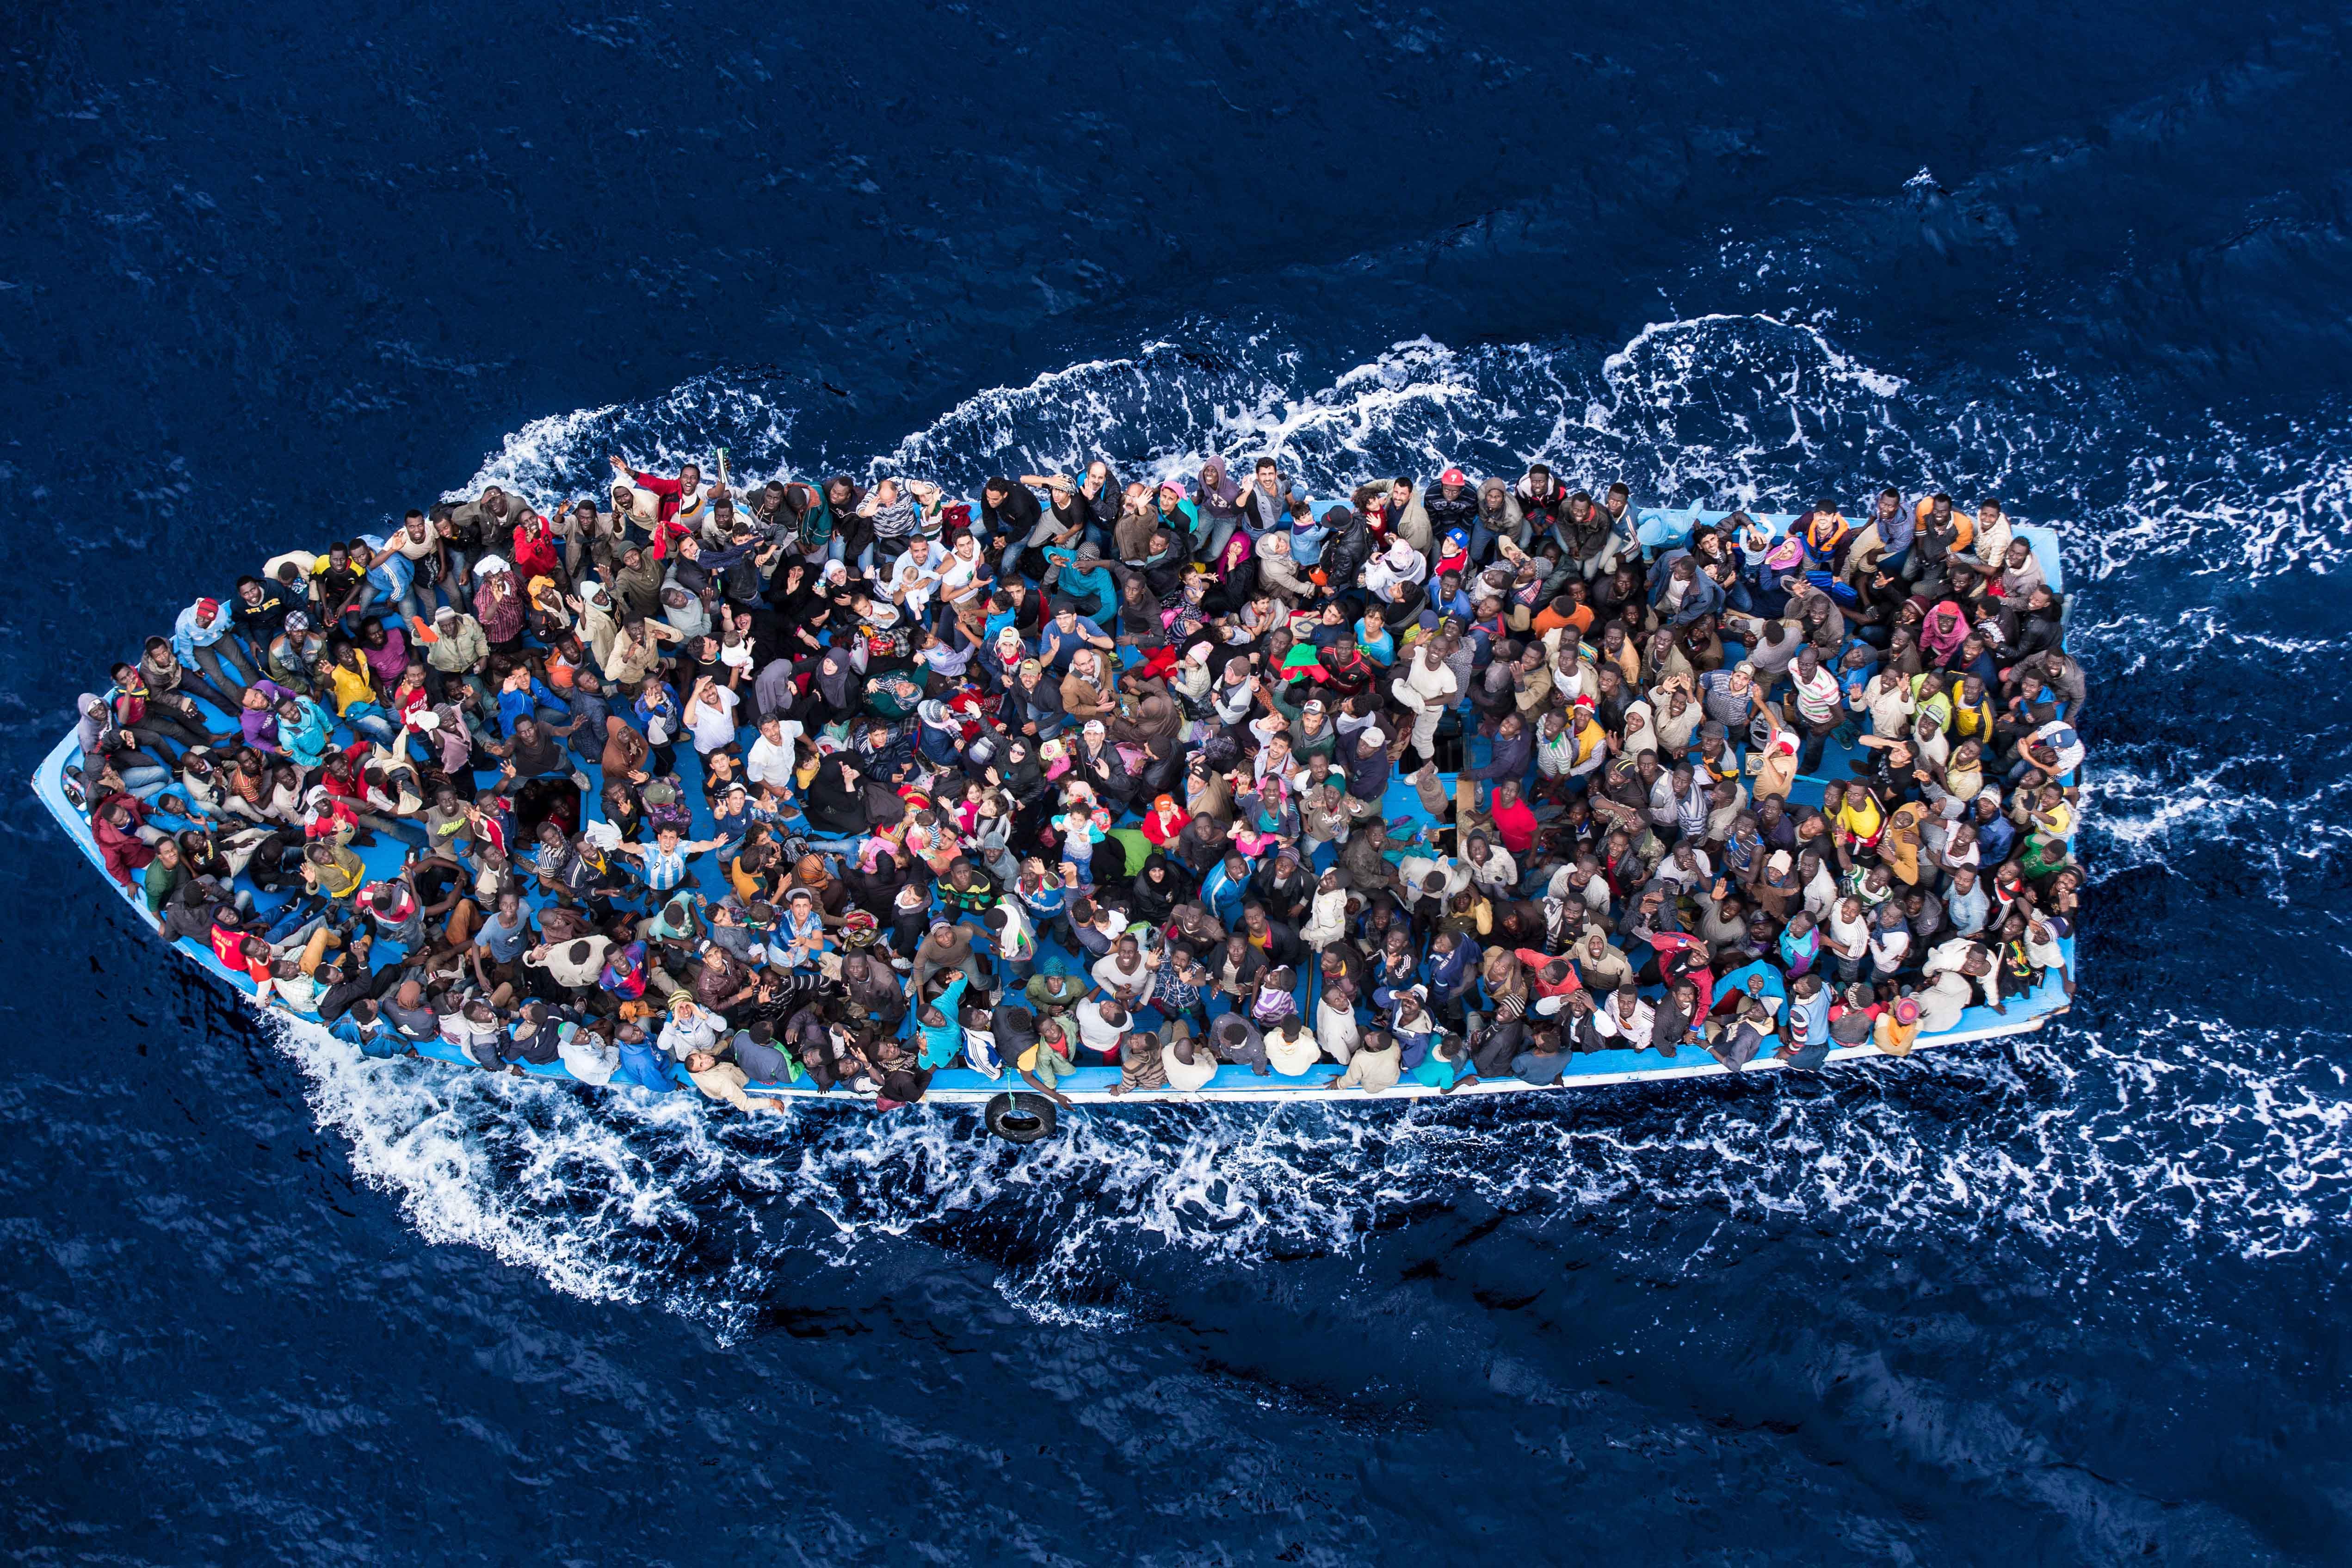 Media: immigrazione sempre presente, ma con le amministrative cala l'attenzione. Stampa polarizzata sul razzismo